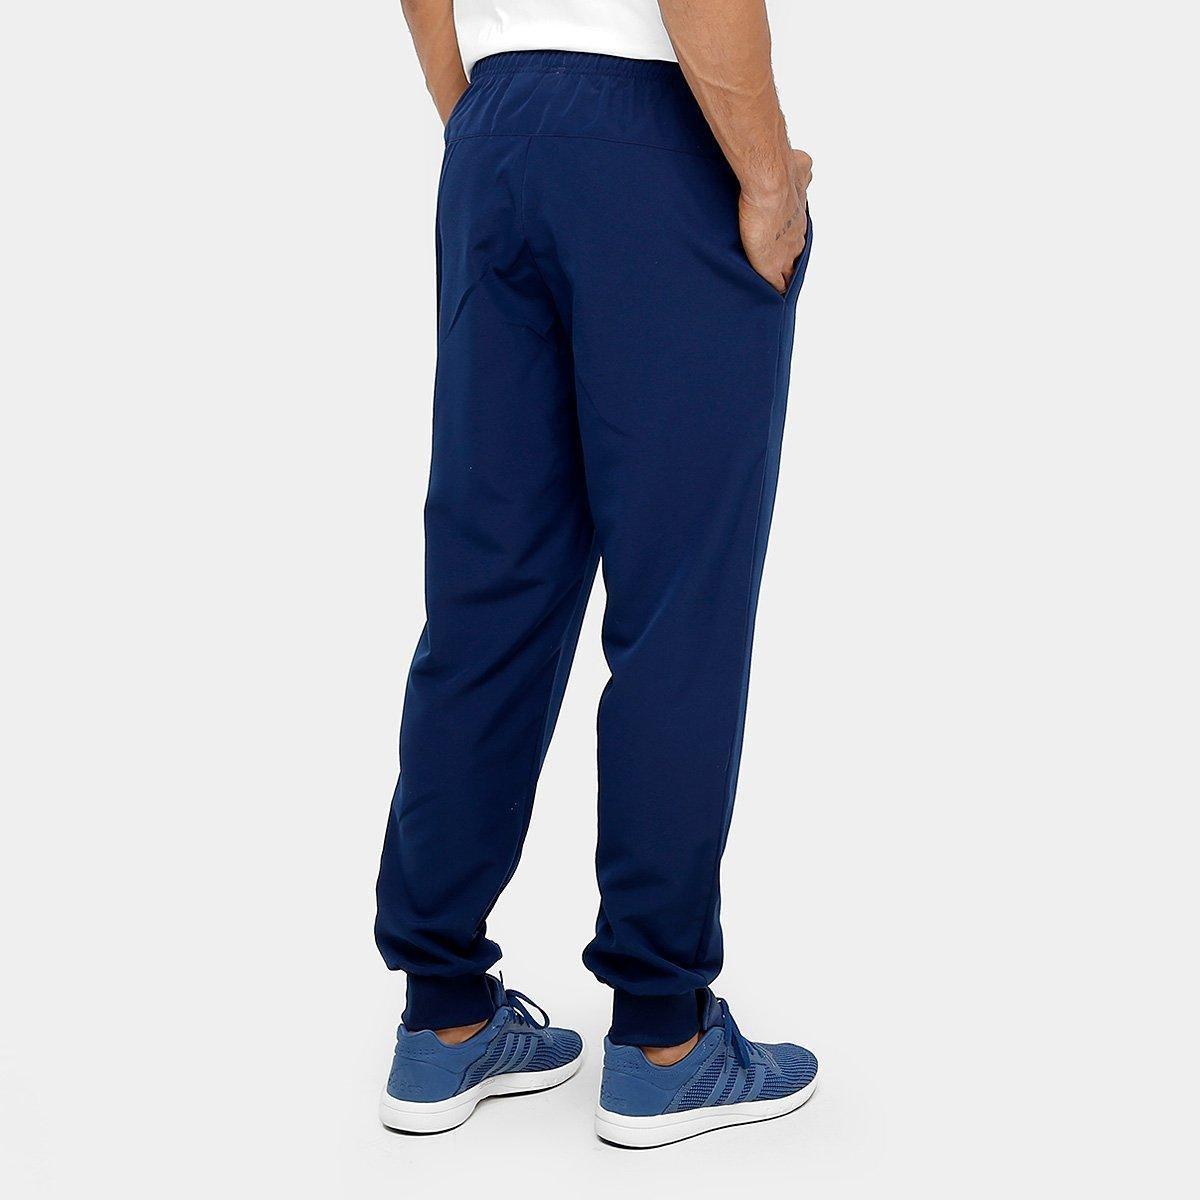 Calça Adidas Ess Stanford 2 Masculina - Azul - Compre Agora  cd602e60f8d3e